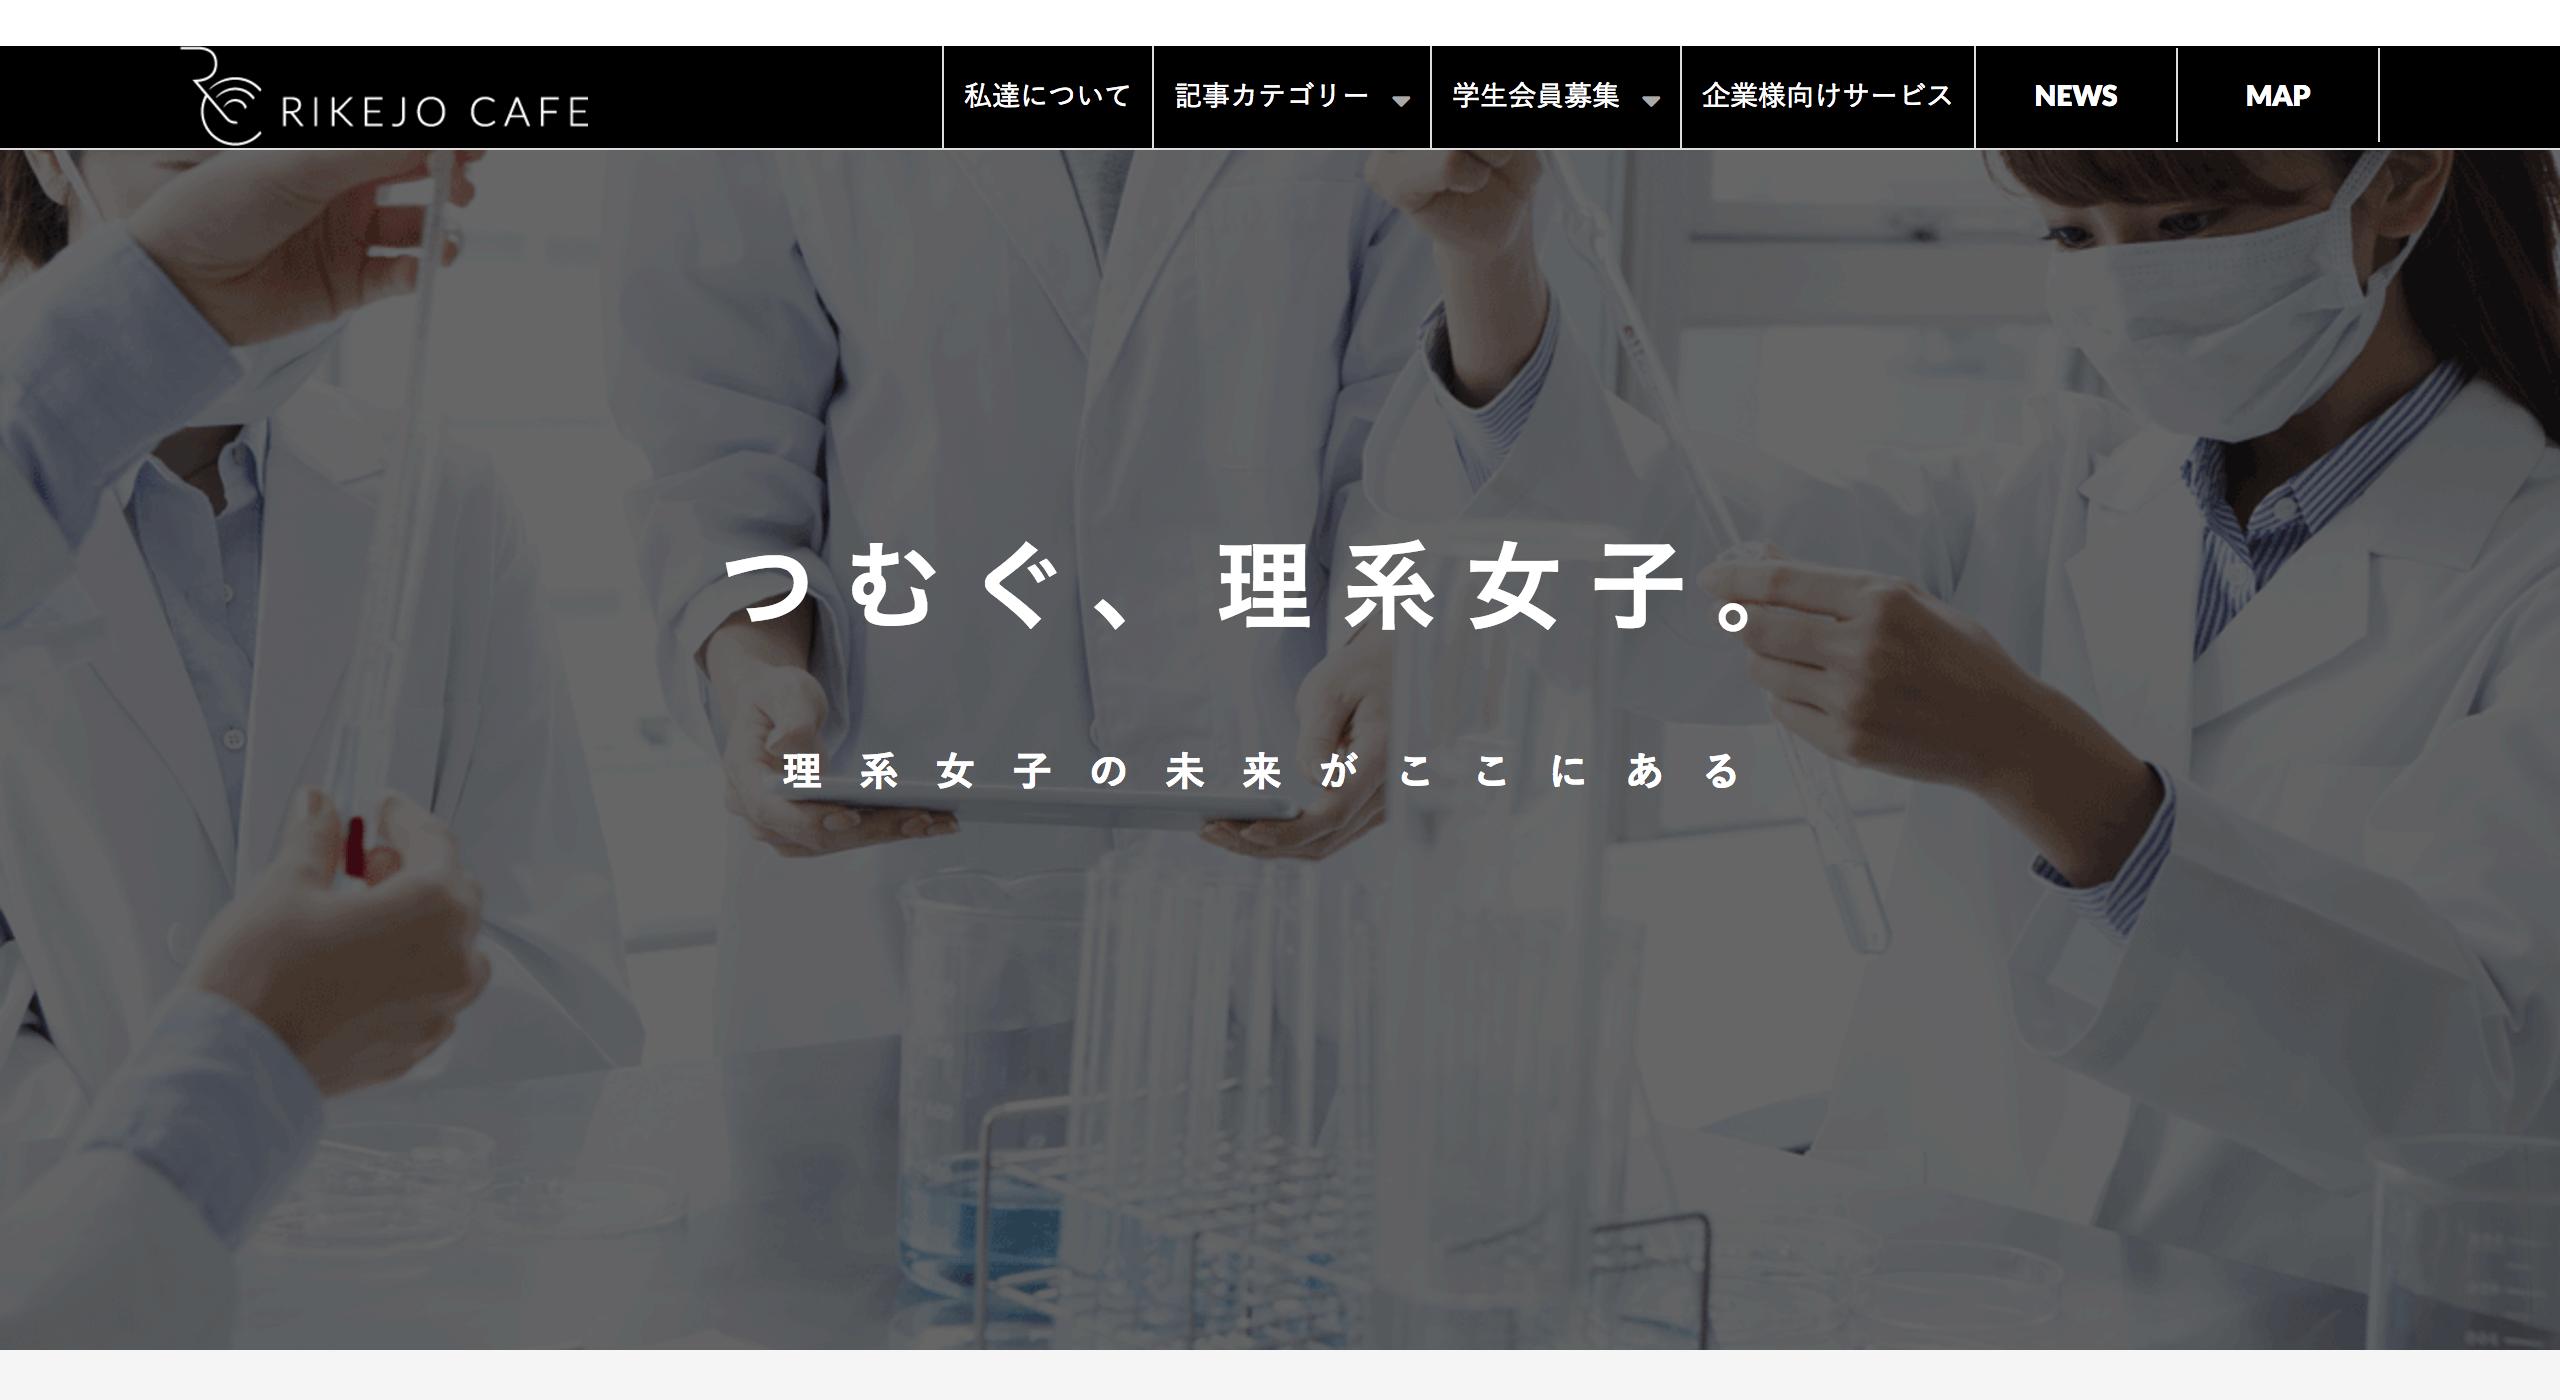 RIKEJO CAFE